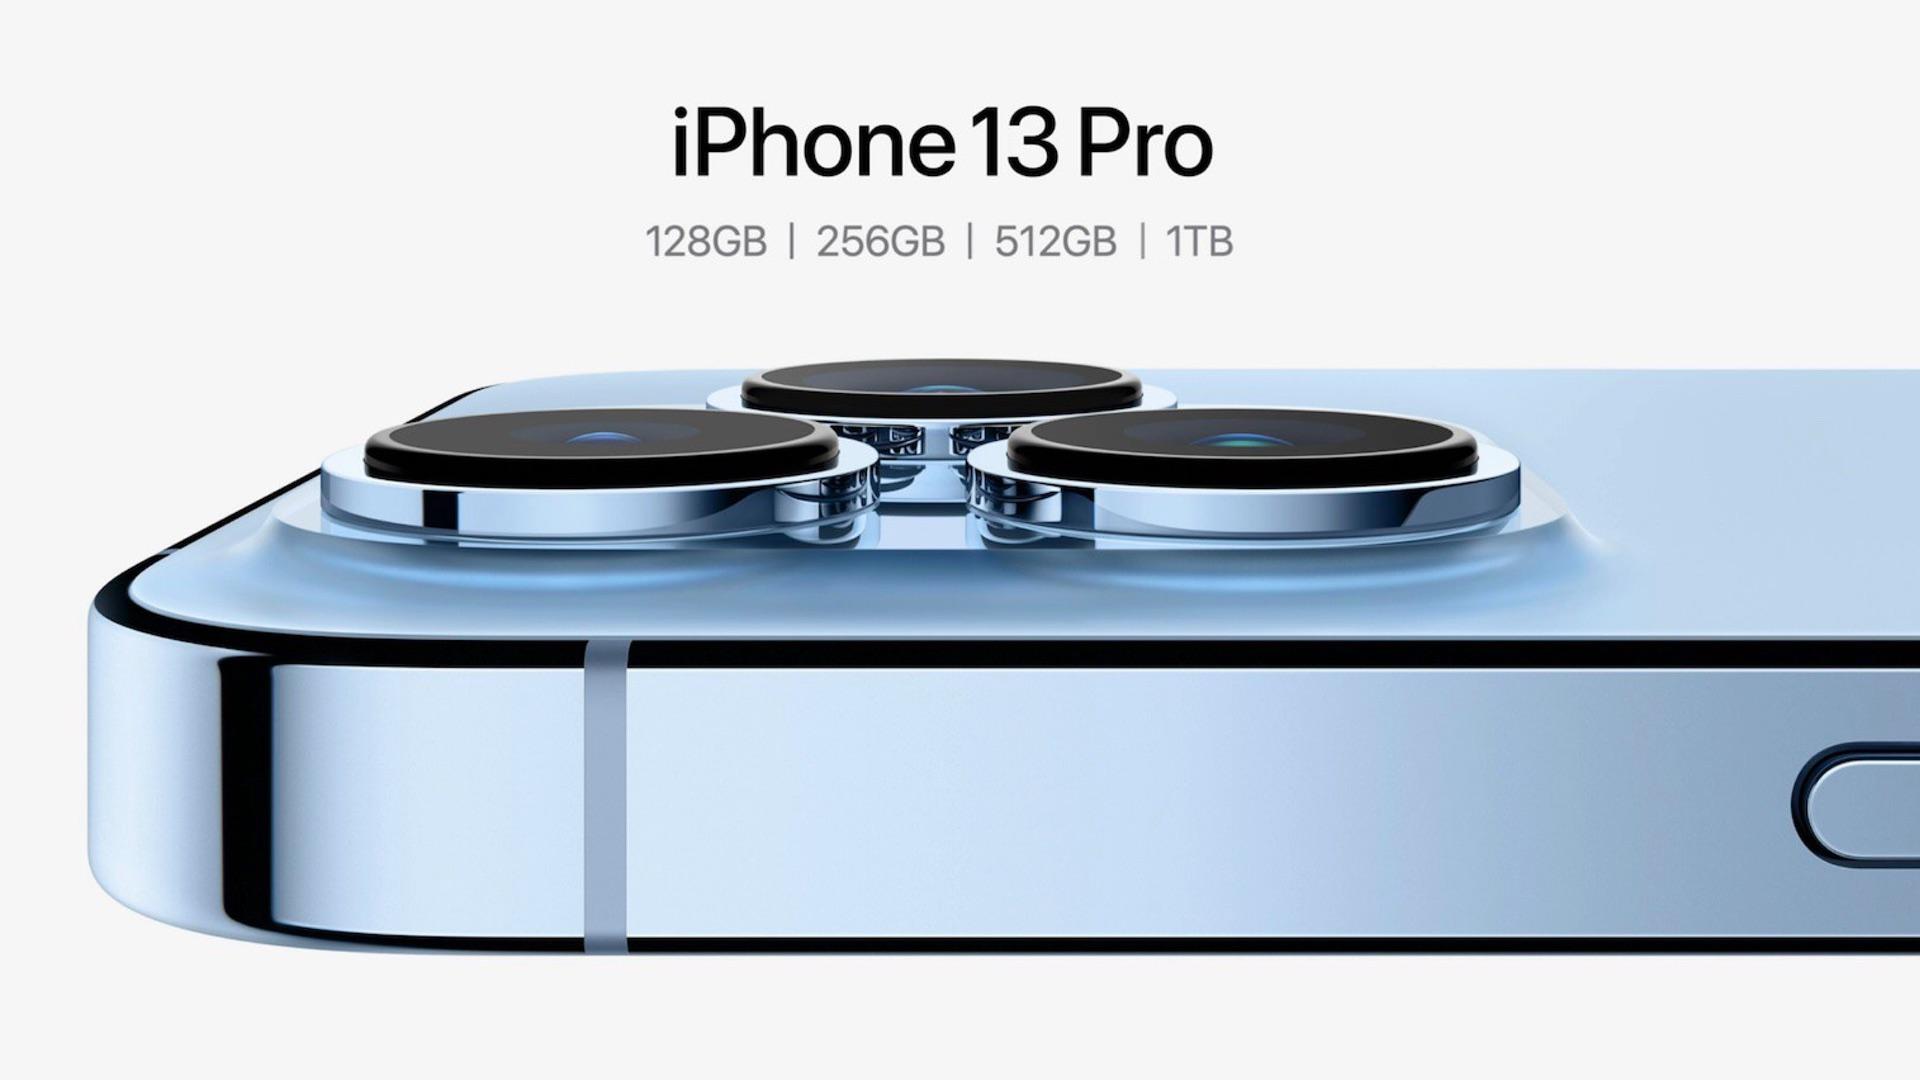 Nové funkce fotoaparátu iPhone 13: makro, režim filmu, fotografické styly, vylepšení senzorů a další